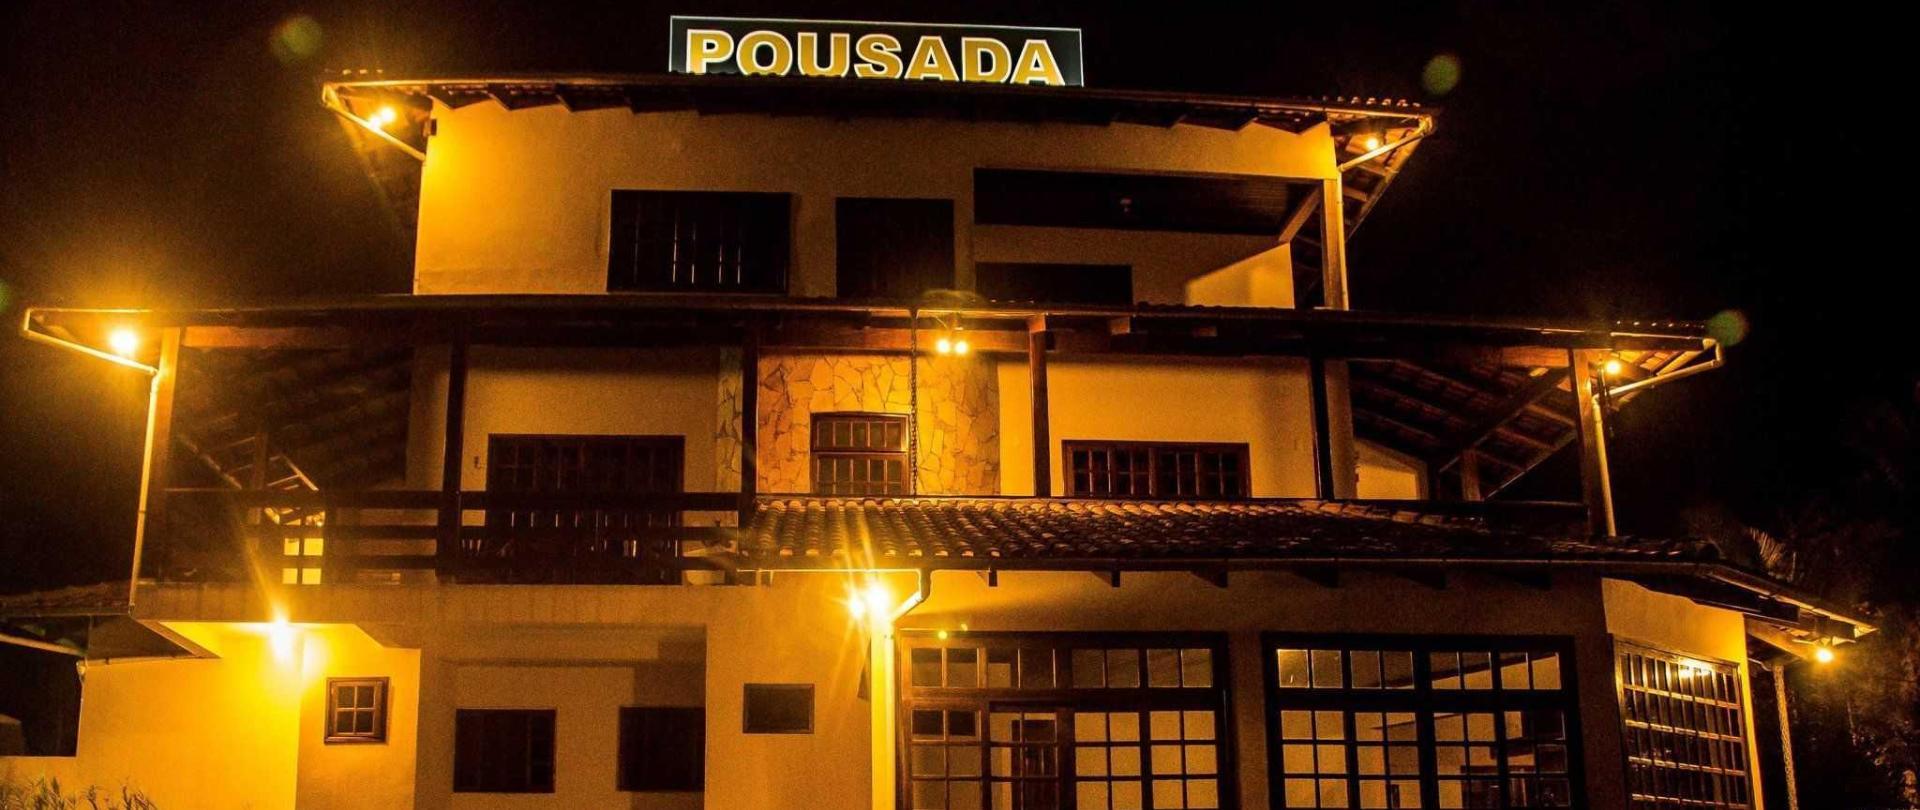 pousada-casar-o-em-jaragu-do-sul-santa-catarina-brasil-estacionamento-com-vista-da-cidade-e-das-montanhas-vista-frontal-dos-quartos-noturna.jpg